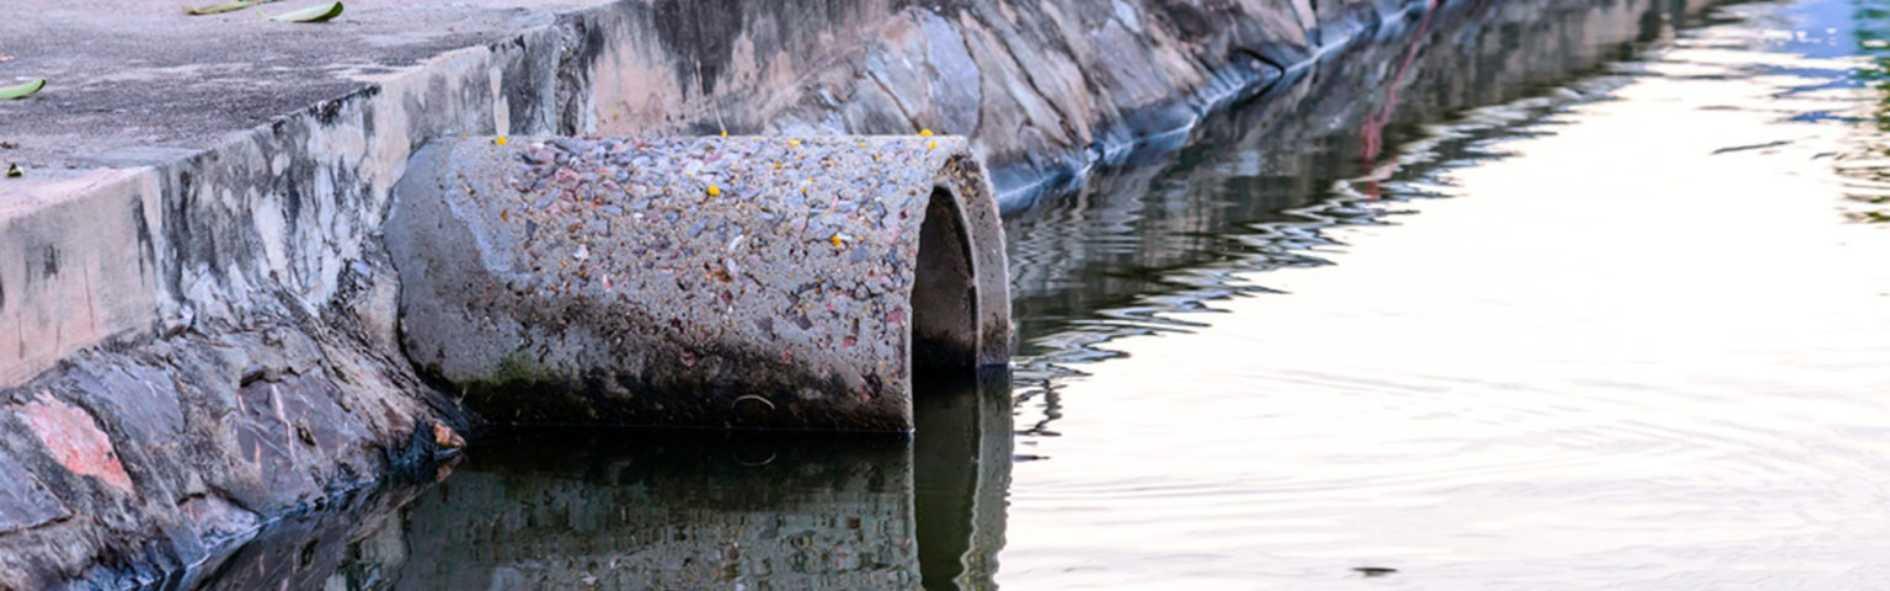 Conoce el agua residual y los diferentes métodos para tratarla